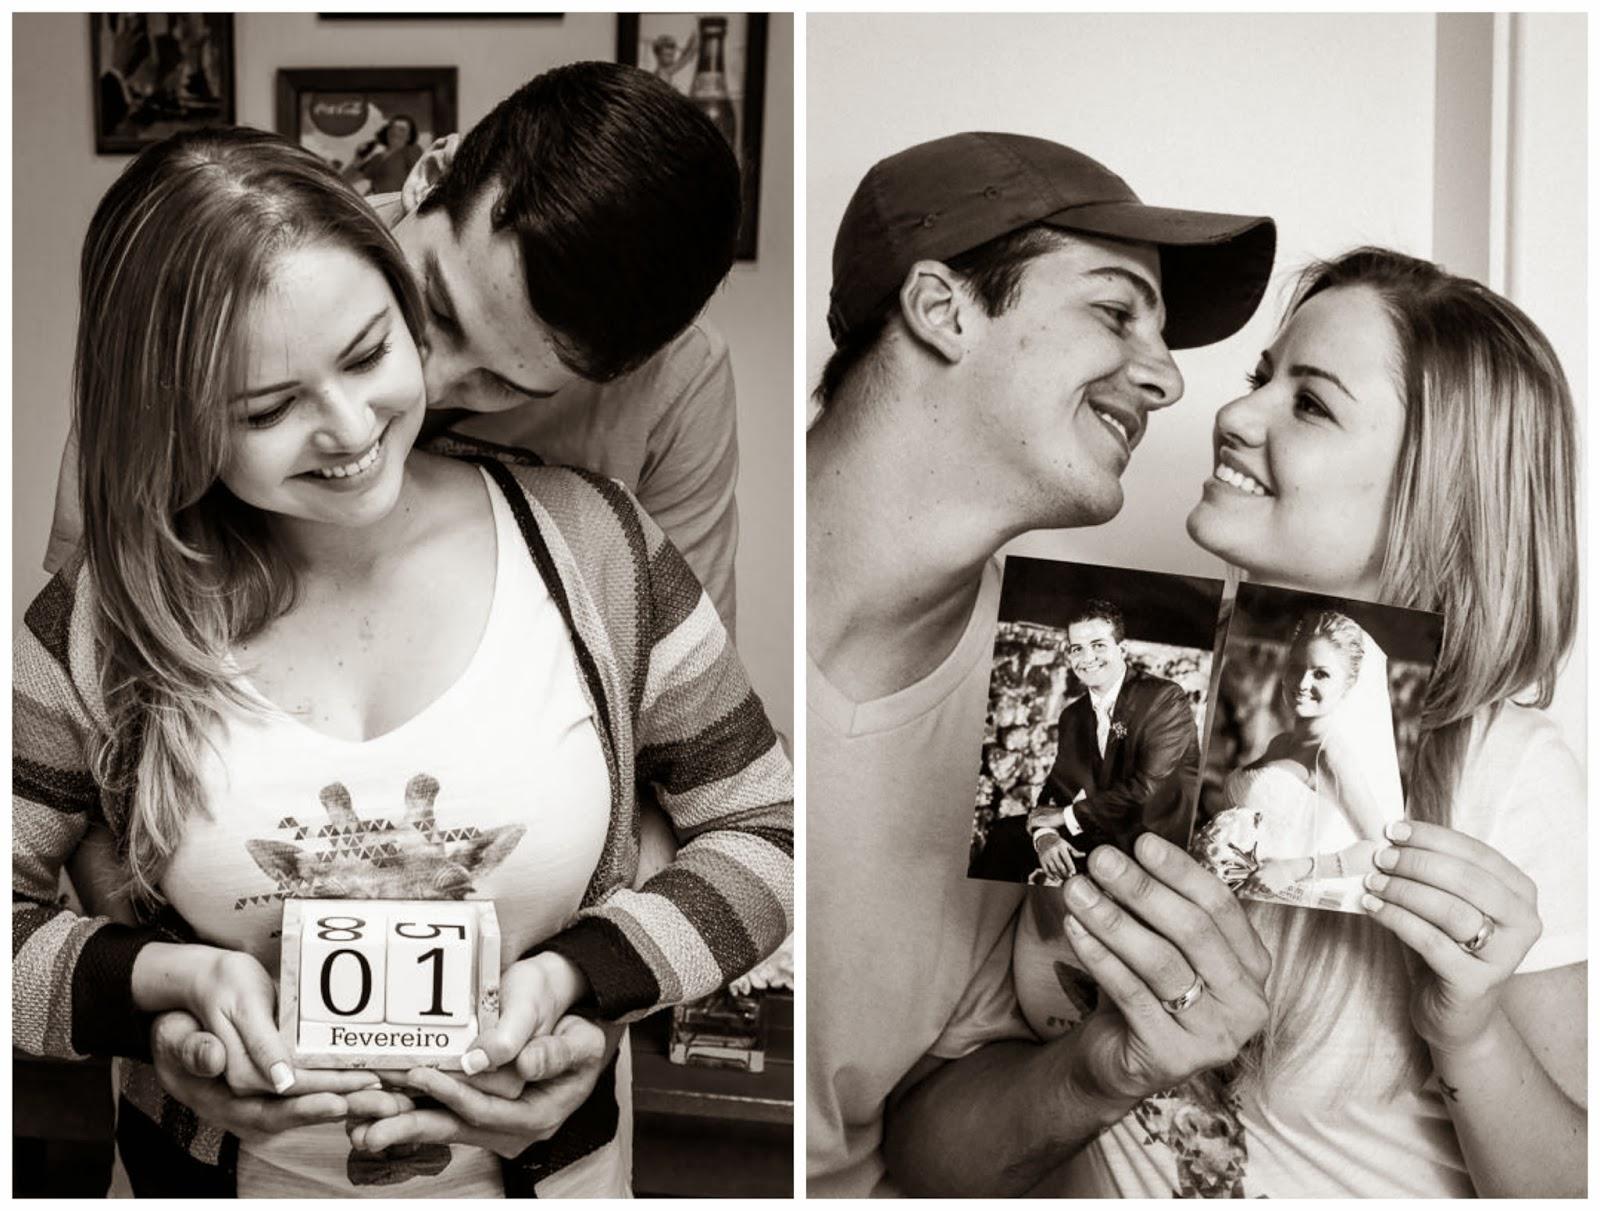 esession-ensaio-casa-home-sweet-home-bodas-papel-calendario-fotos-noivos